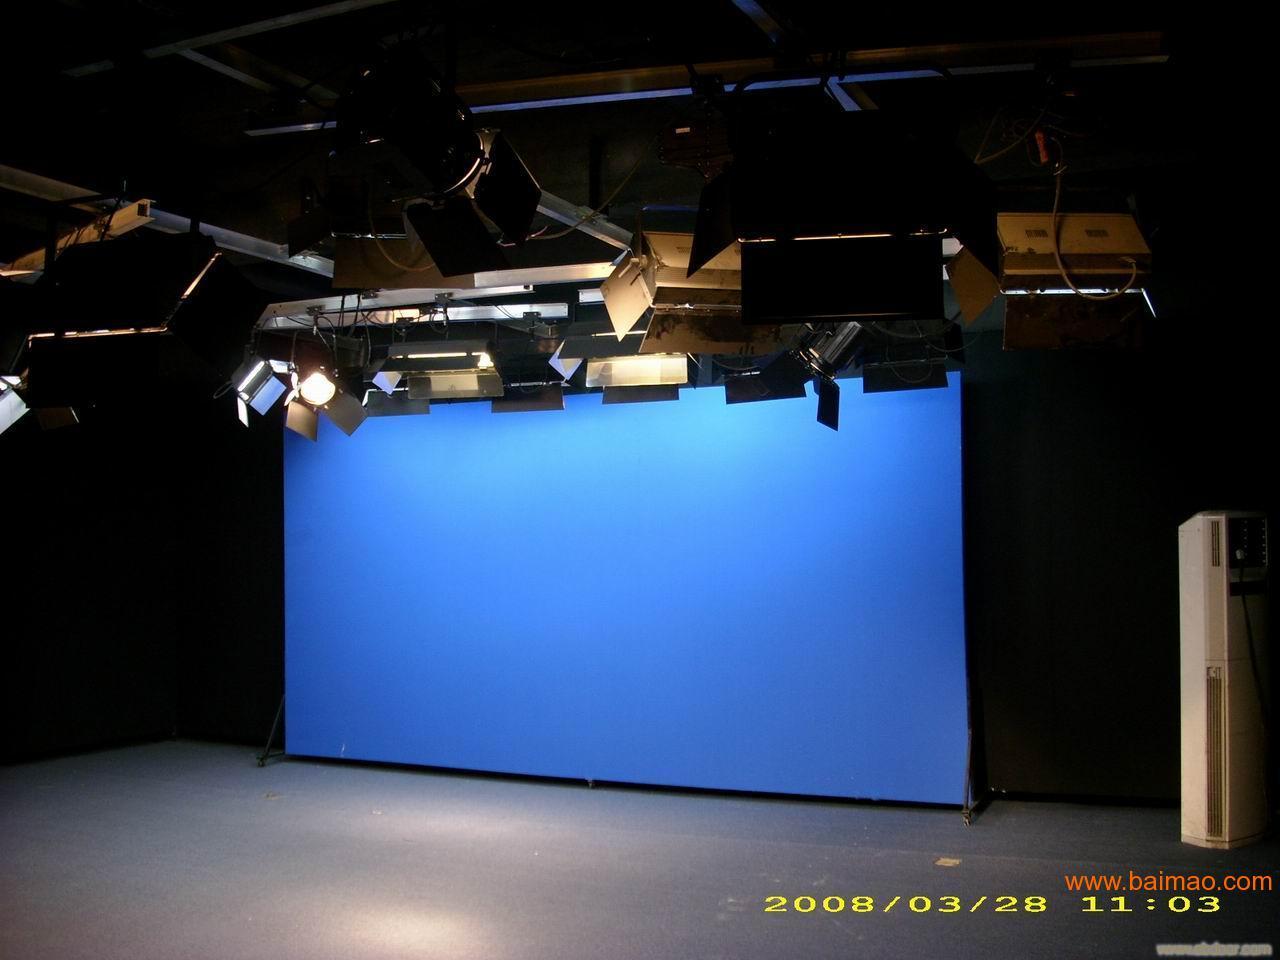 演播室三基色冷光灯LD 4 55W,演播室三基色冷光灯LD 4 55W生产厂家,演播室三基色冷光灯LD 4 55W价格